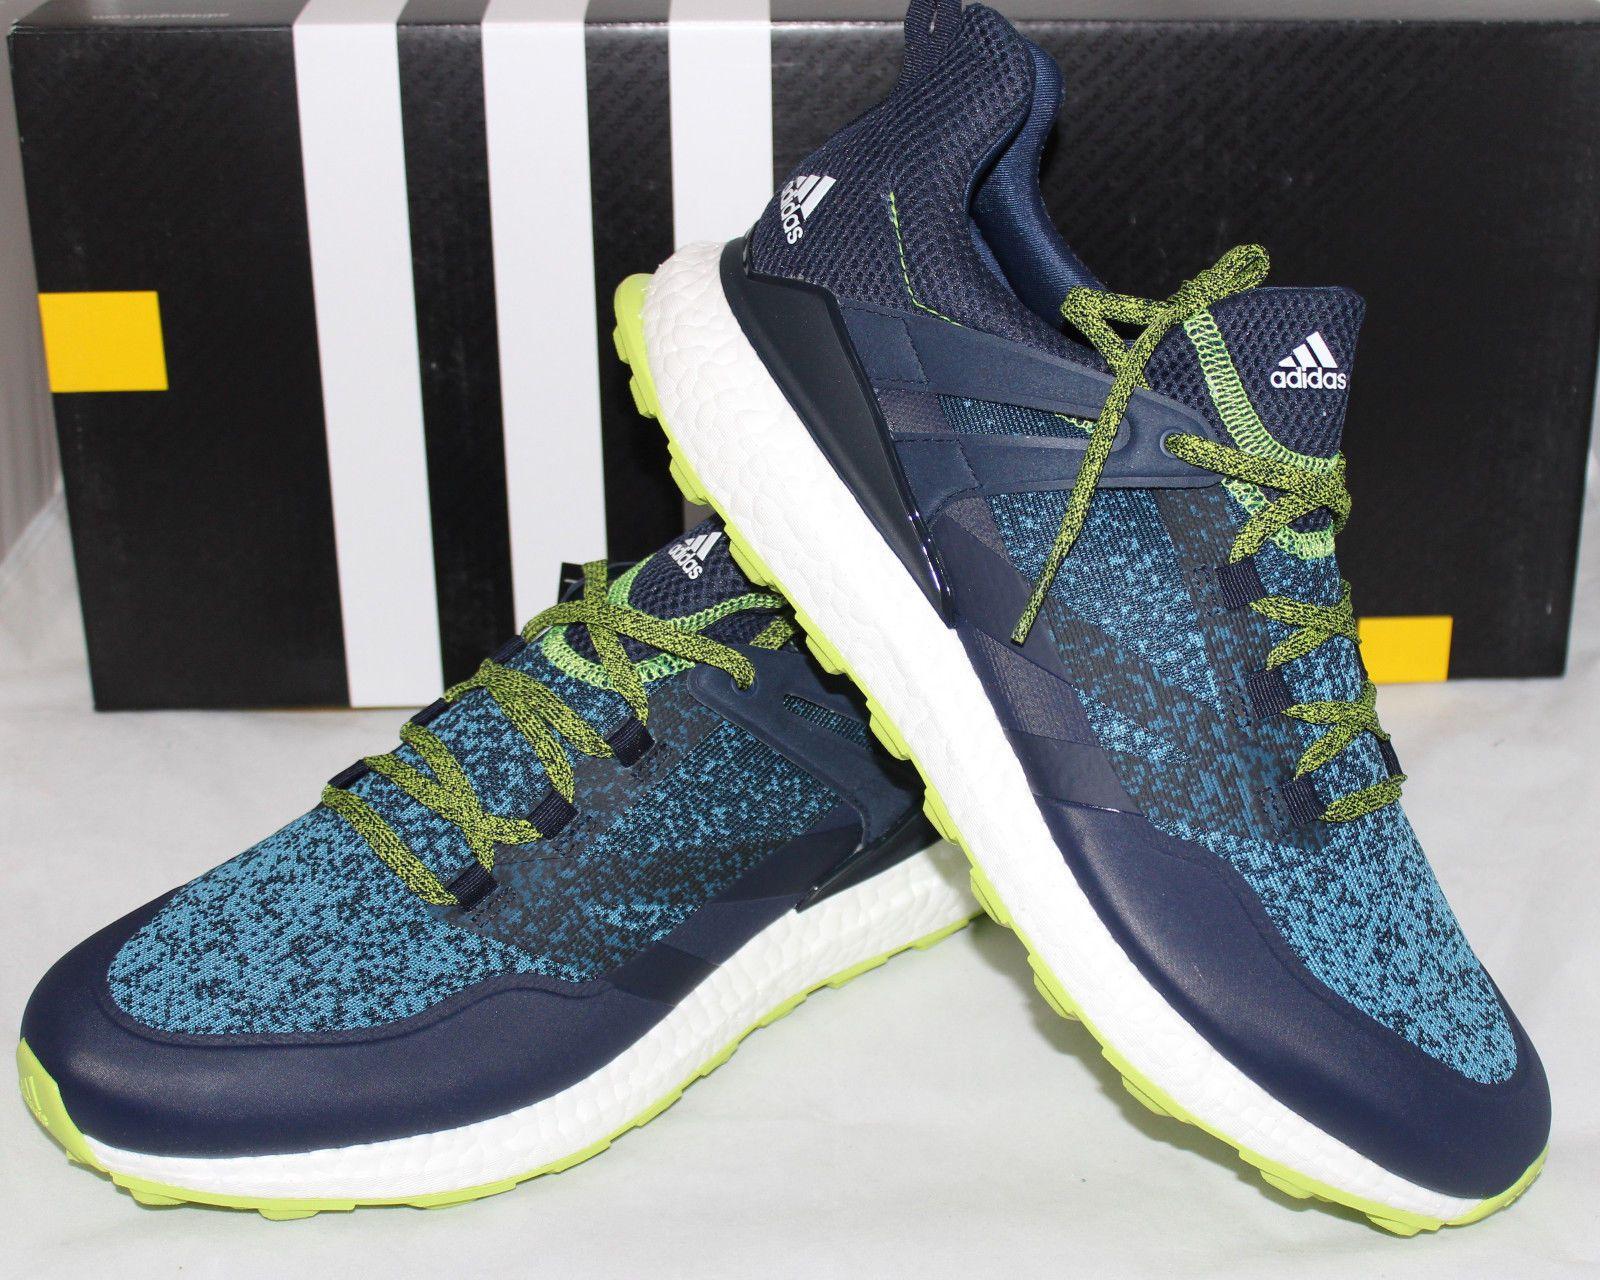 Adidas crossknit Boost hombre  zapatos de golf azul marino Collegiate solar